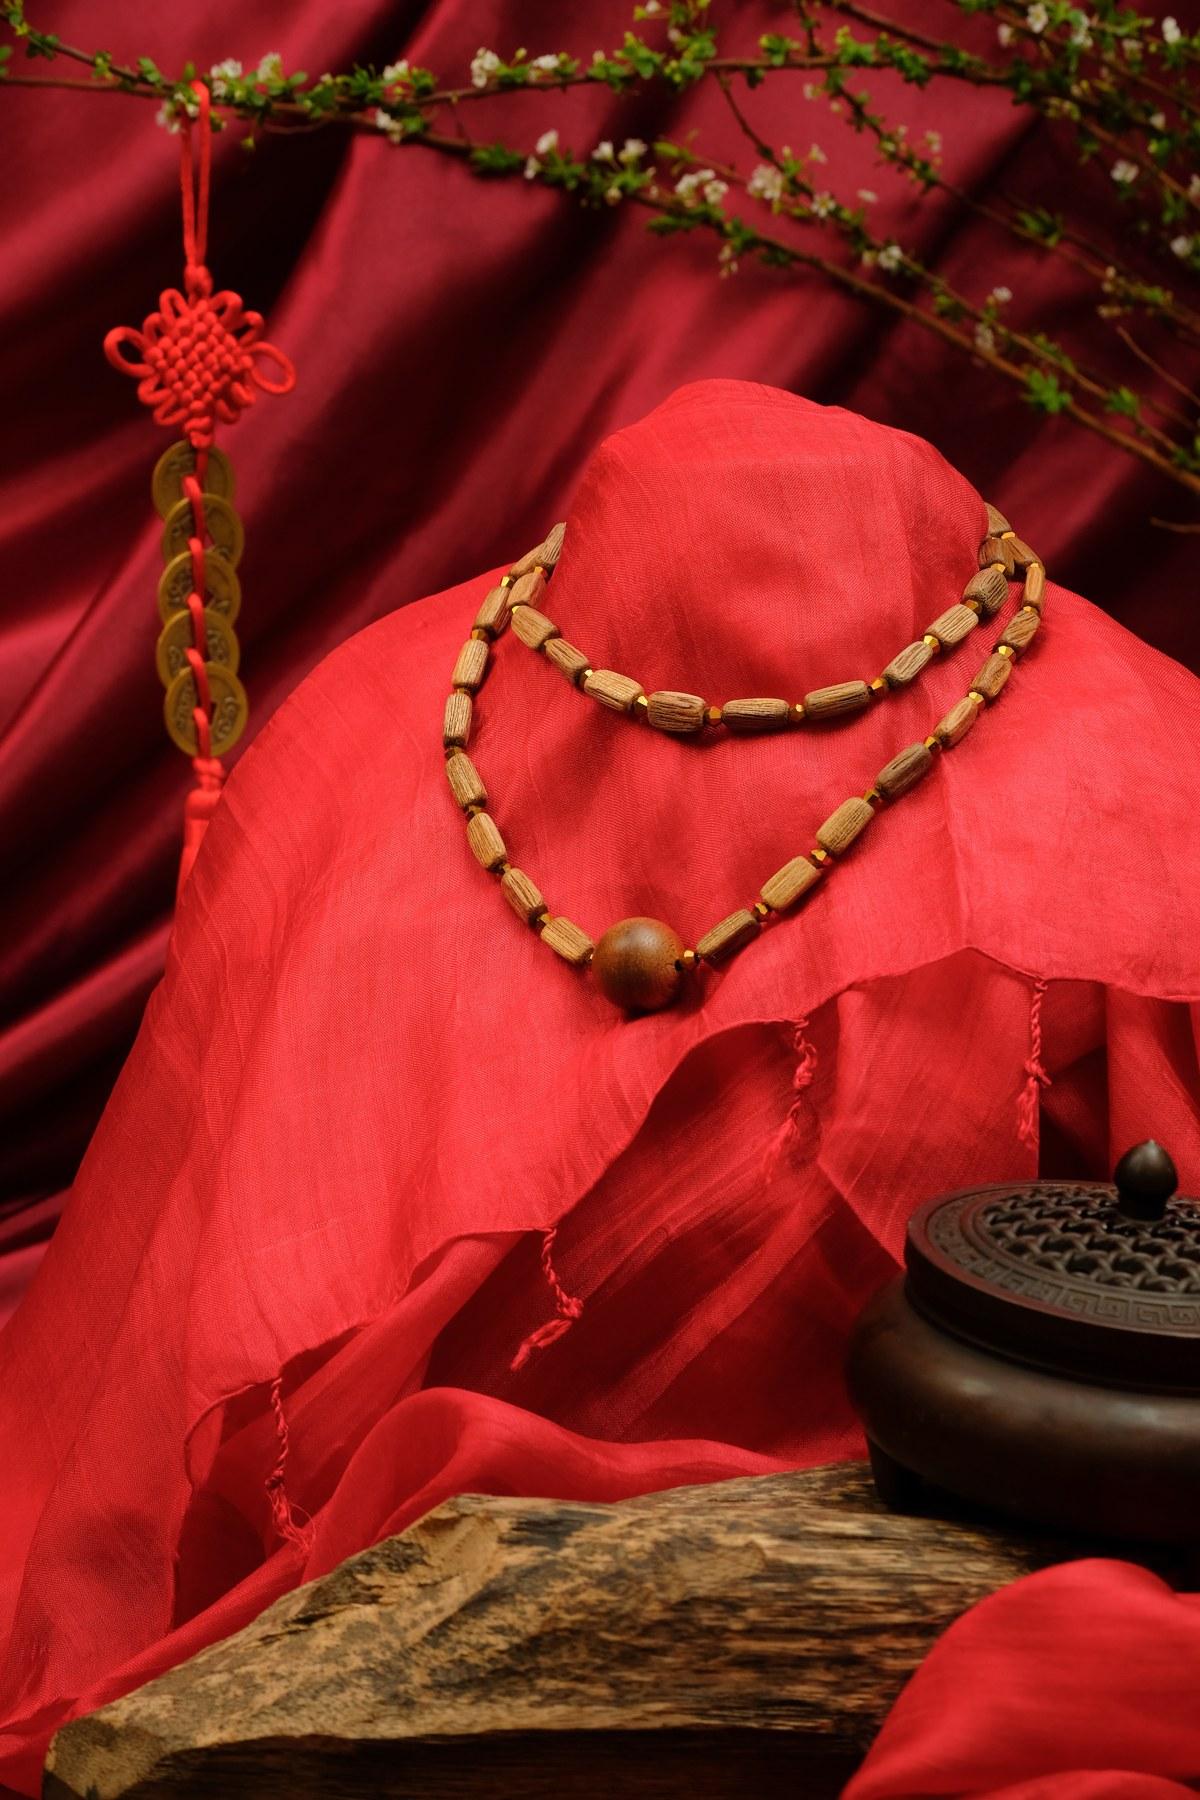 'Mỹ nữ trầm hương' Ngọc Anh Anh dịu dàng khoe nét Xuân